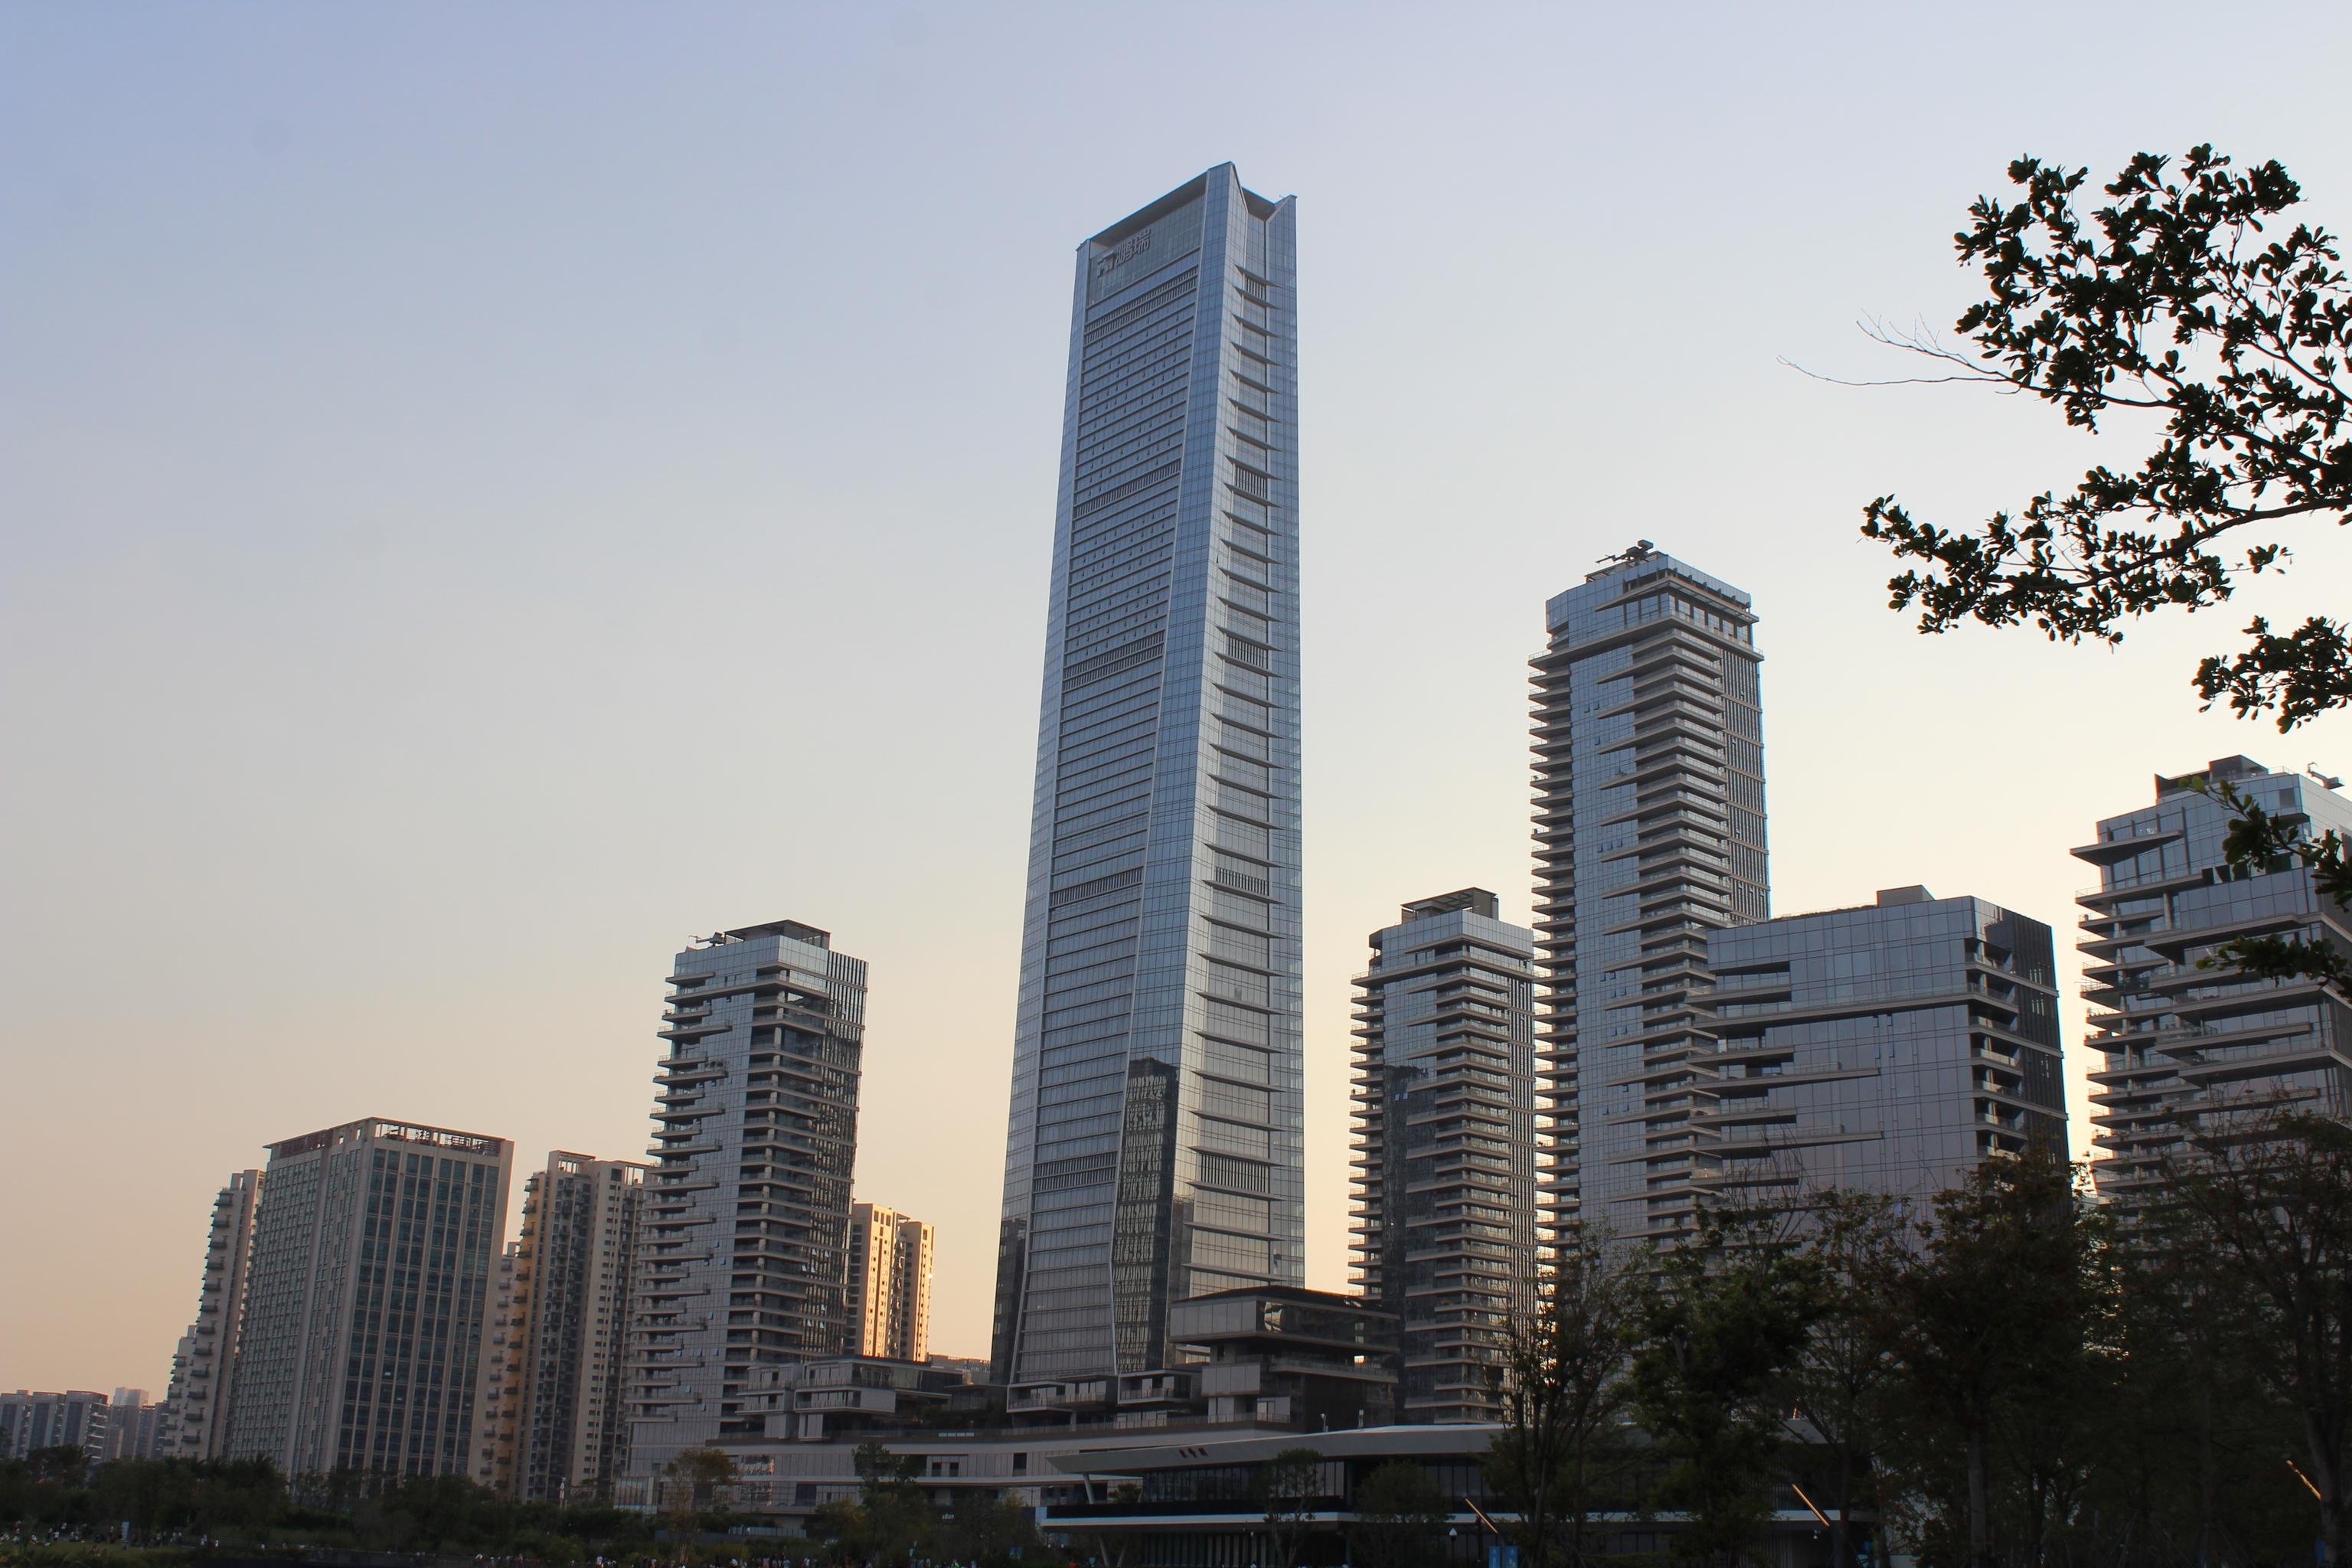 La ciudad de Shenzhen en China